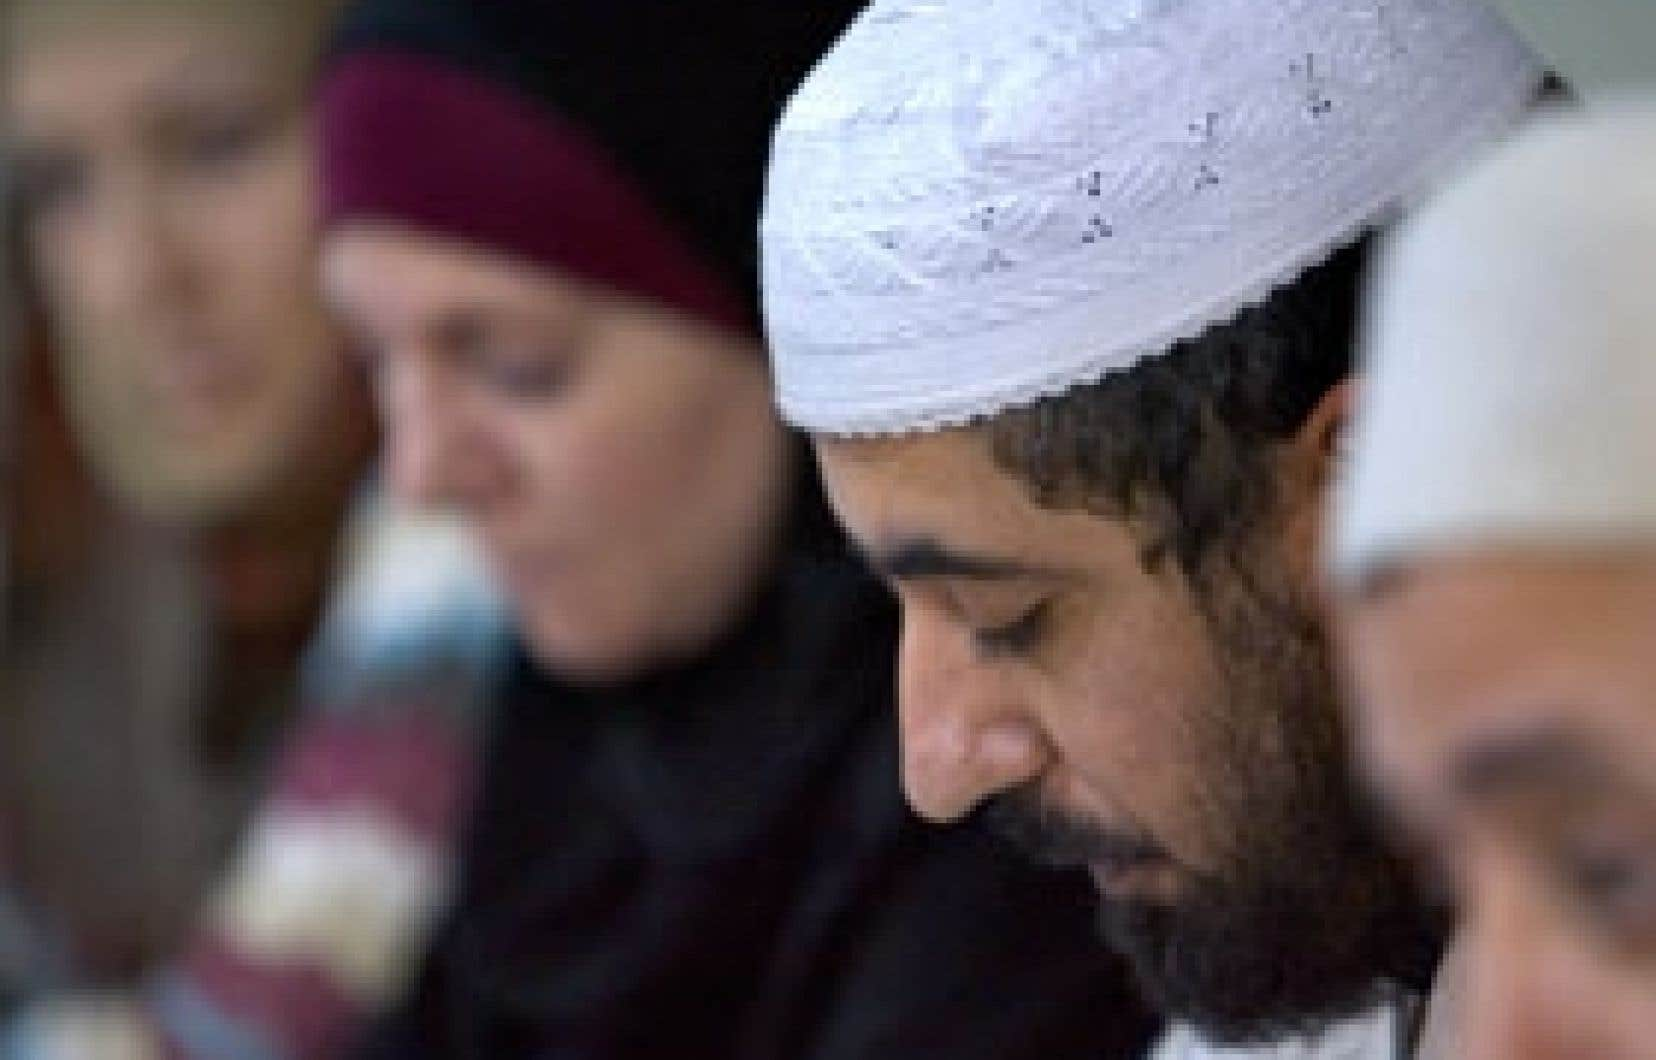 Ce n'est pas la première fois que l'imam Saïd Jaziri s'enfermera dans sa mosquée pour s'assurer de rester au Canada. Il l'avait déjà fait en 2005 alors que son statut était en révision.